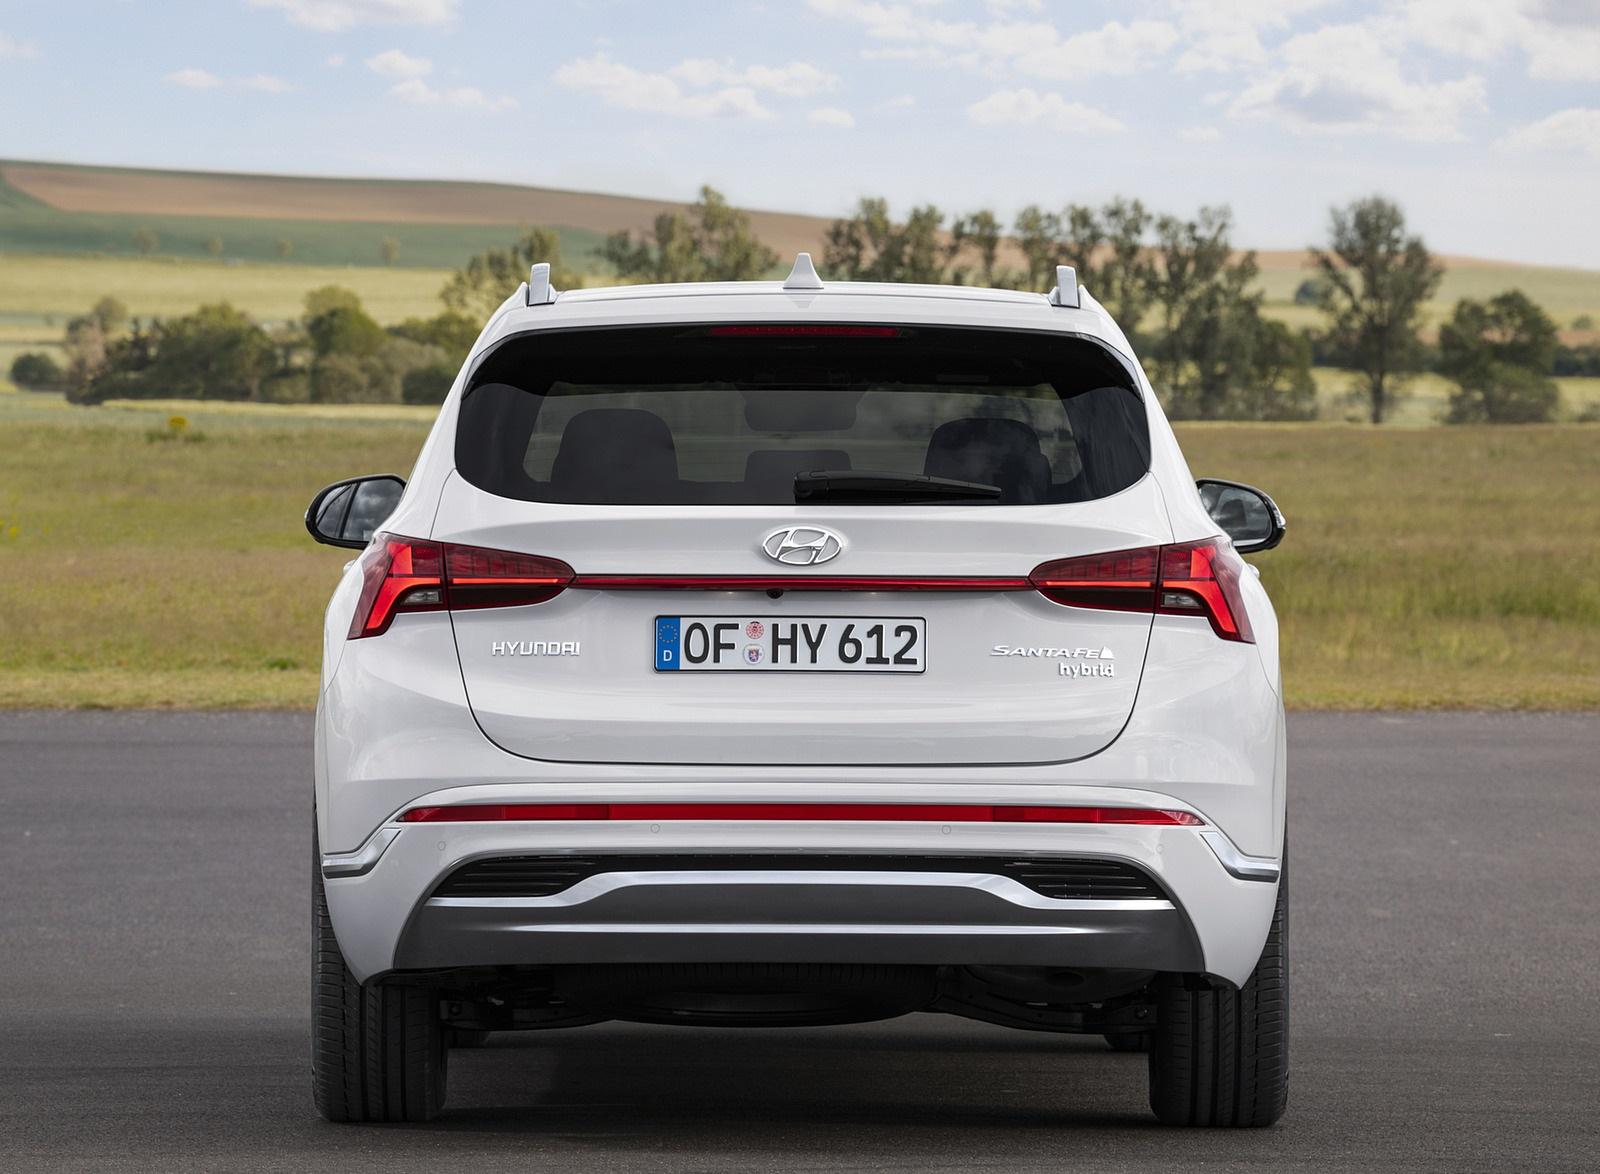 2021 Hyundai Santa Fe Rear Wallpapers (9)